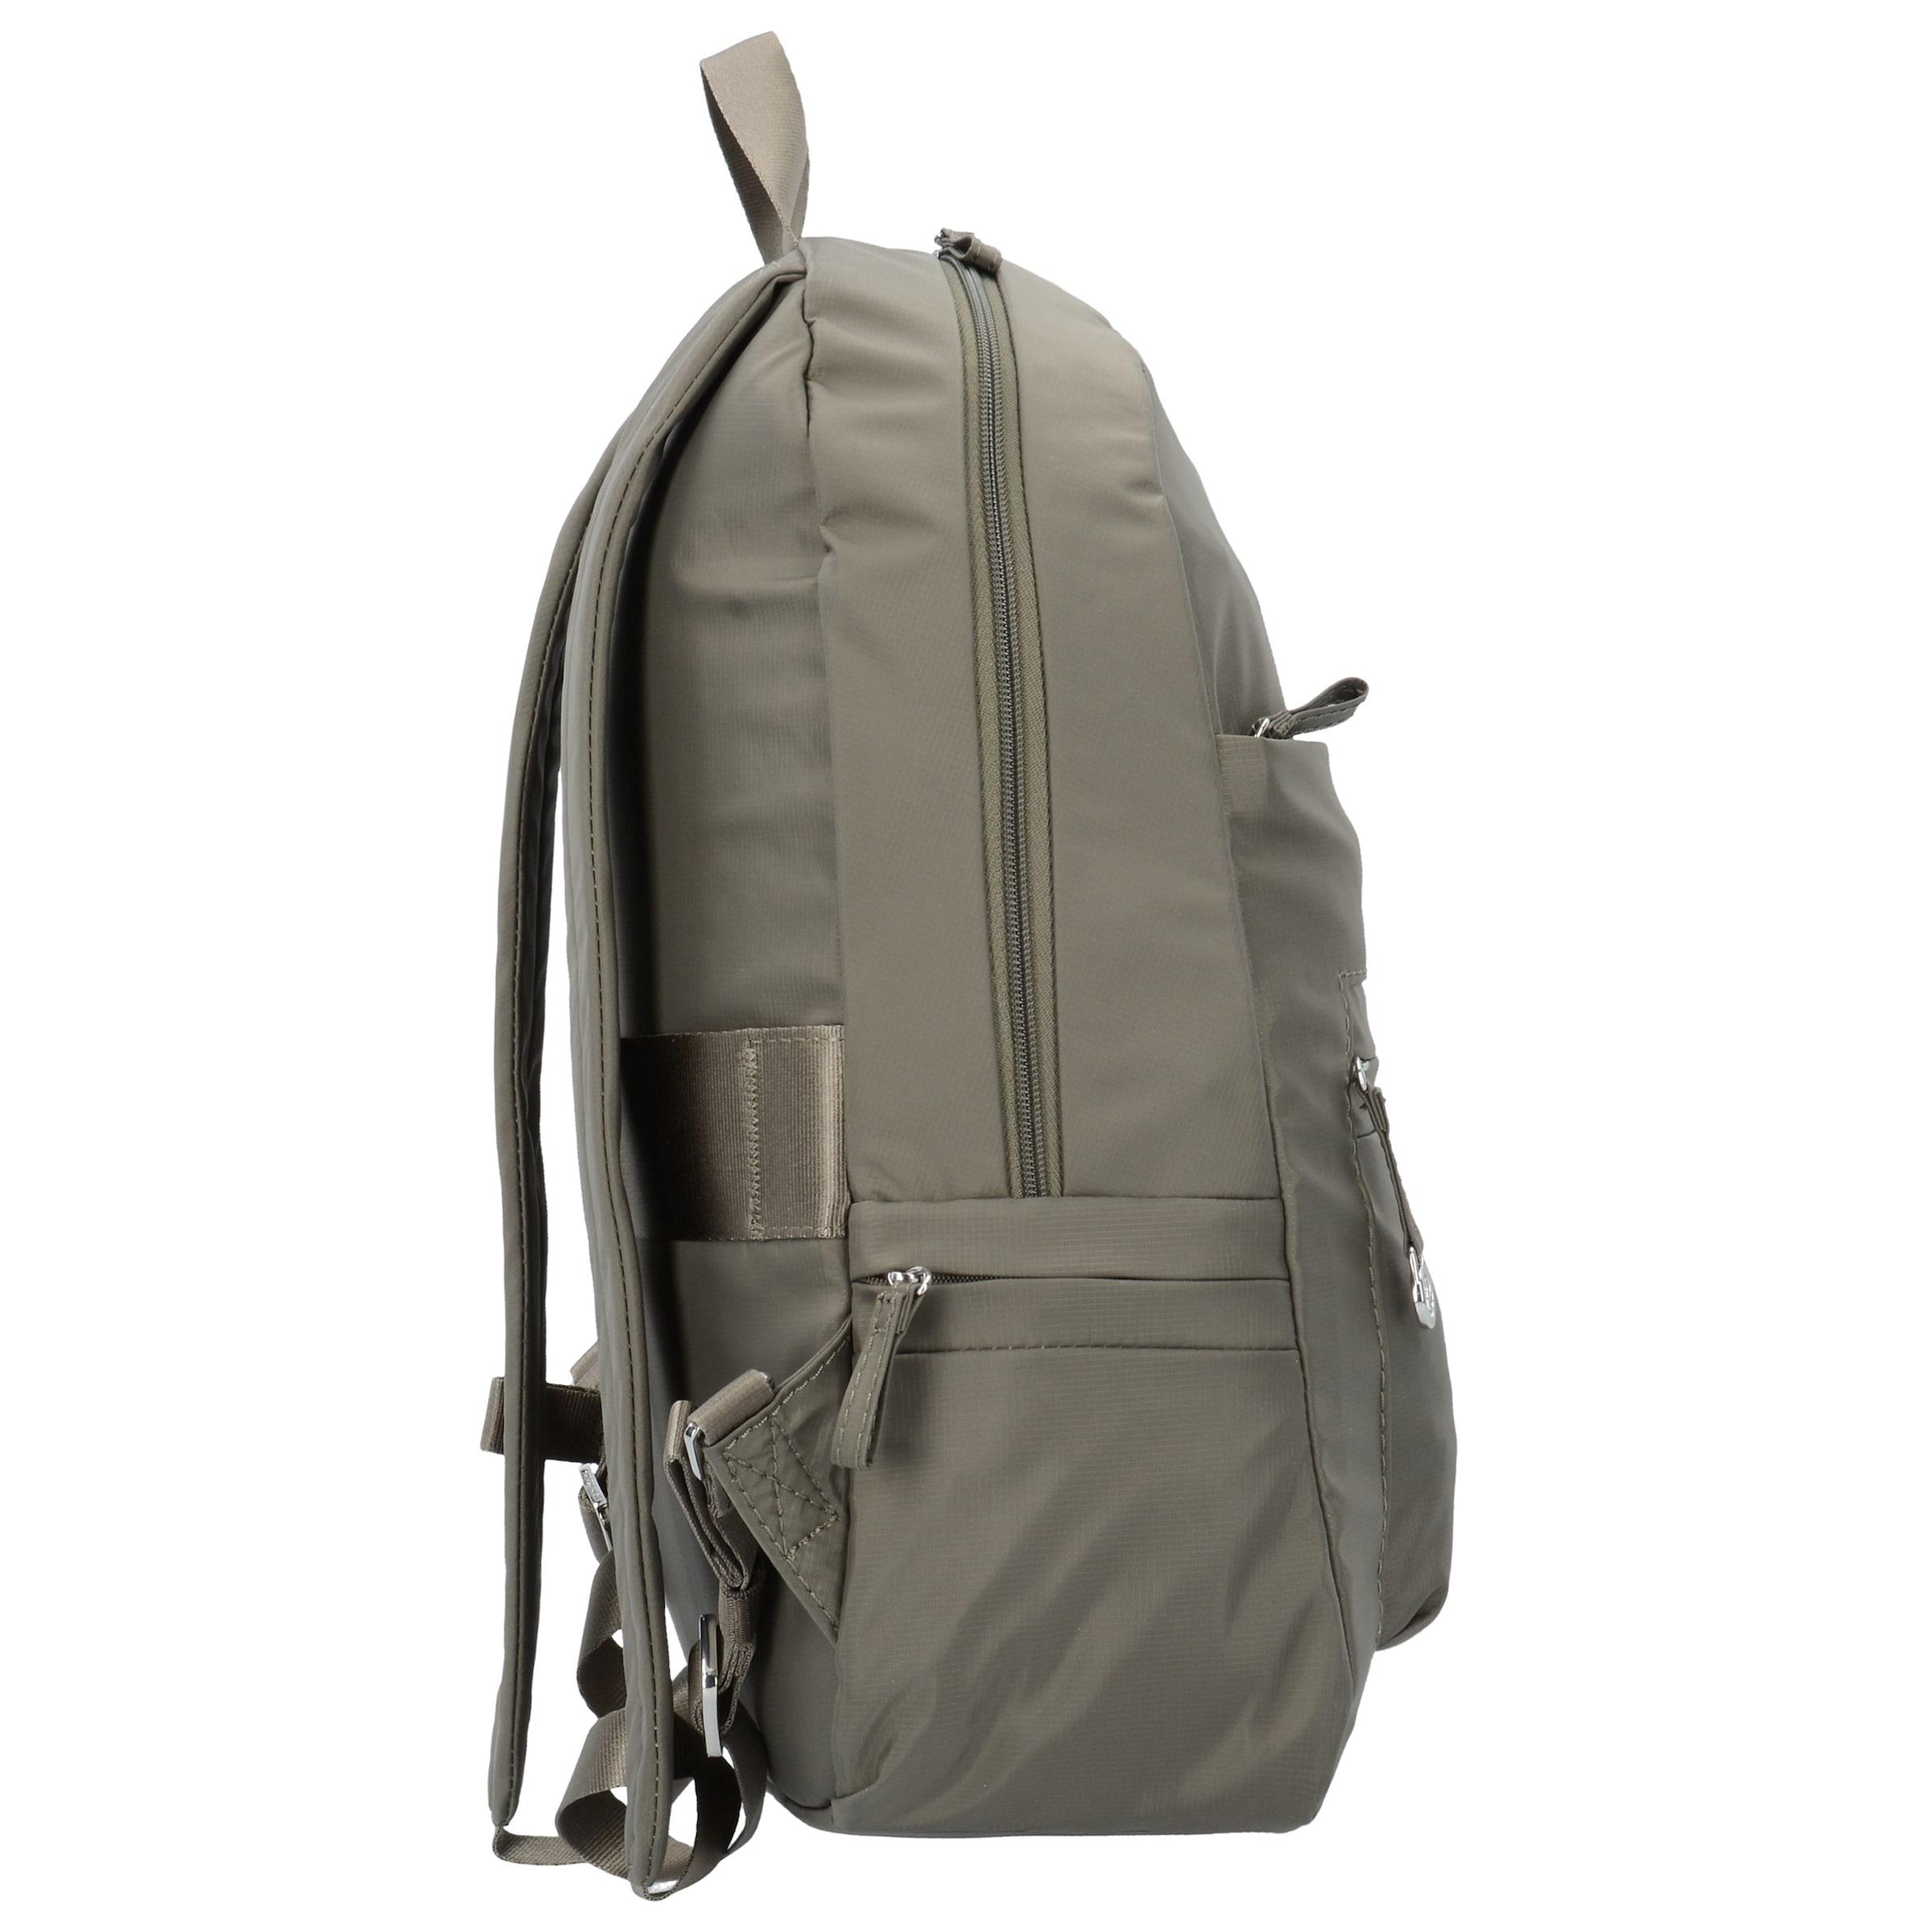 Online-Bilder Verkauf Günstig Kaufen Countdown-Paket SAMSONITE Move 2.0 Rucksack 40 cm Laptopfach Günstig Kaufen Footlocker Finish HugC3whoVl